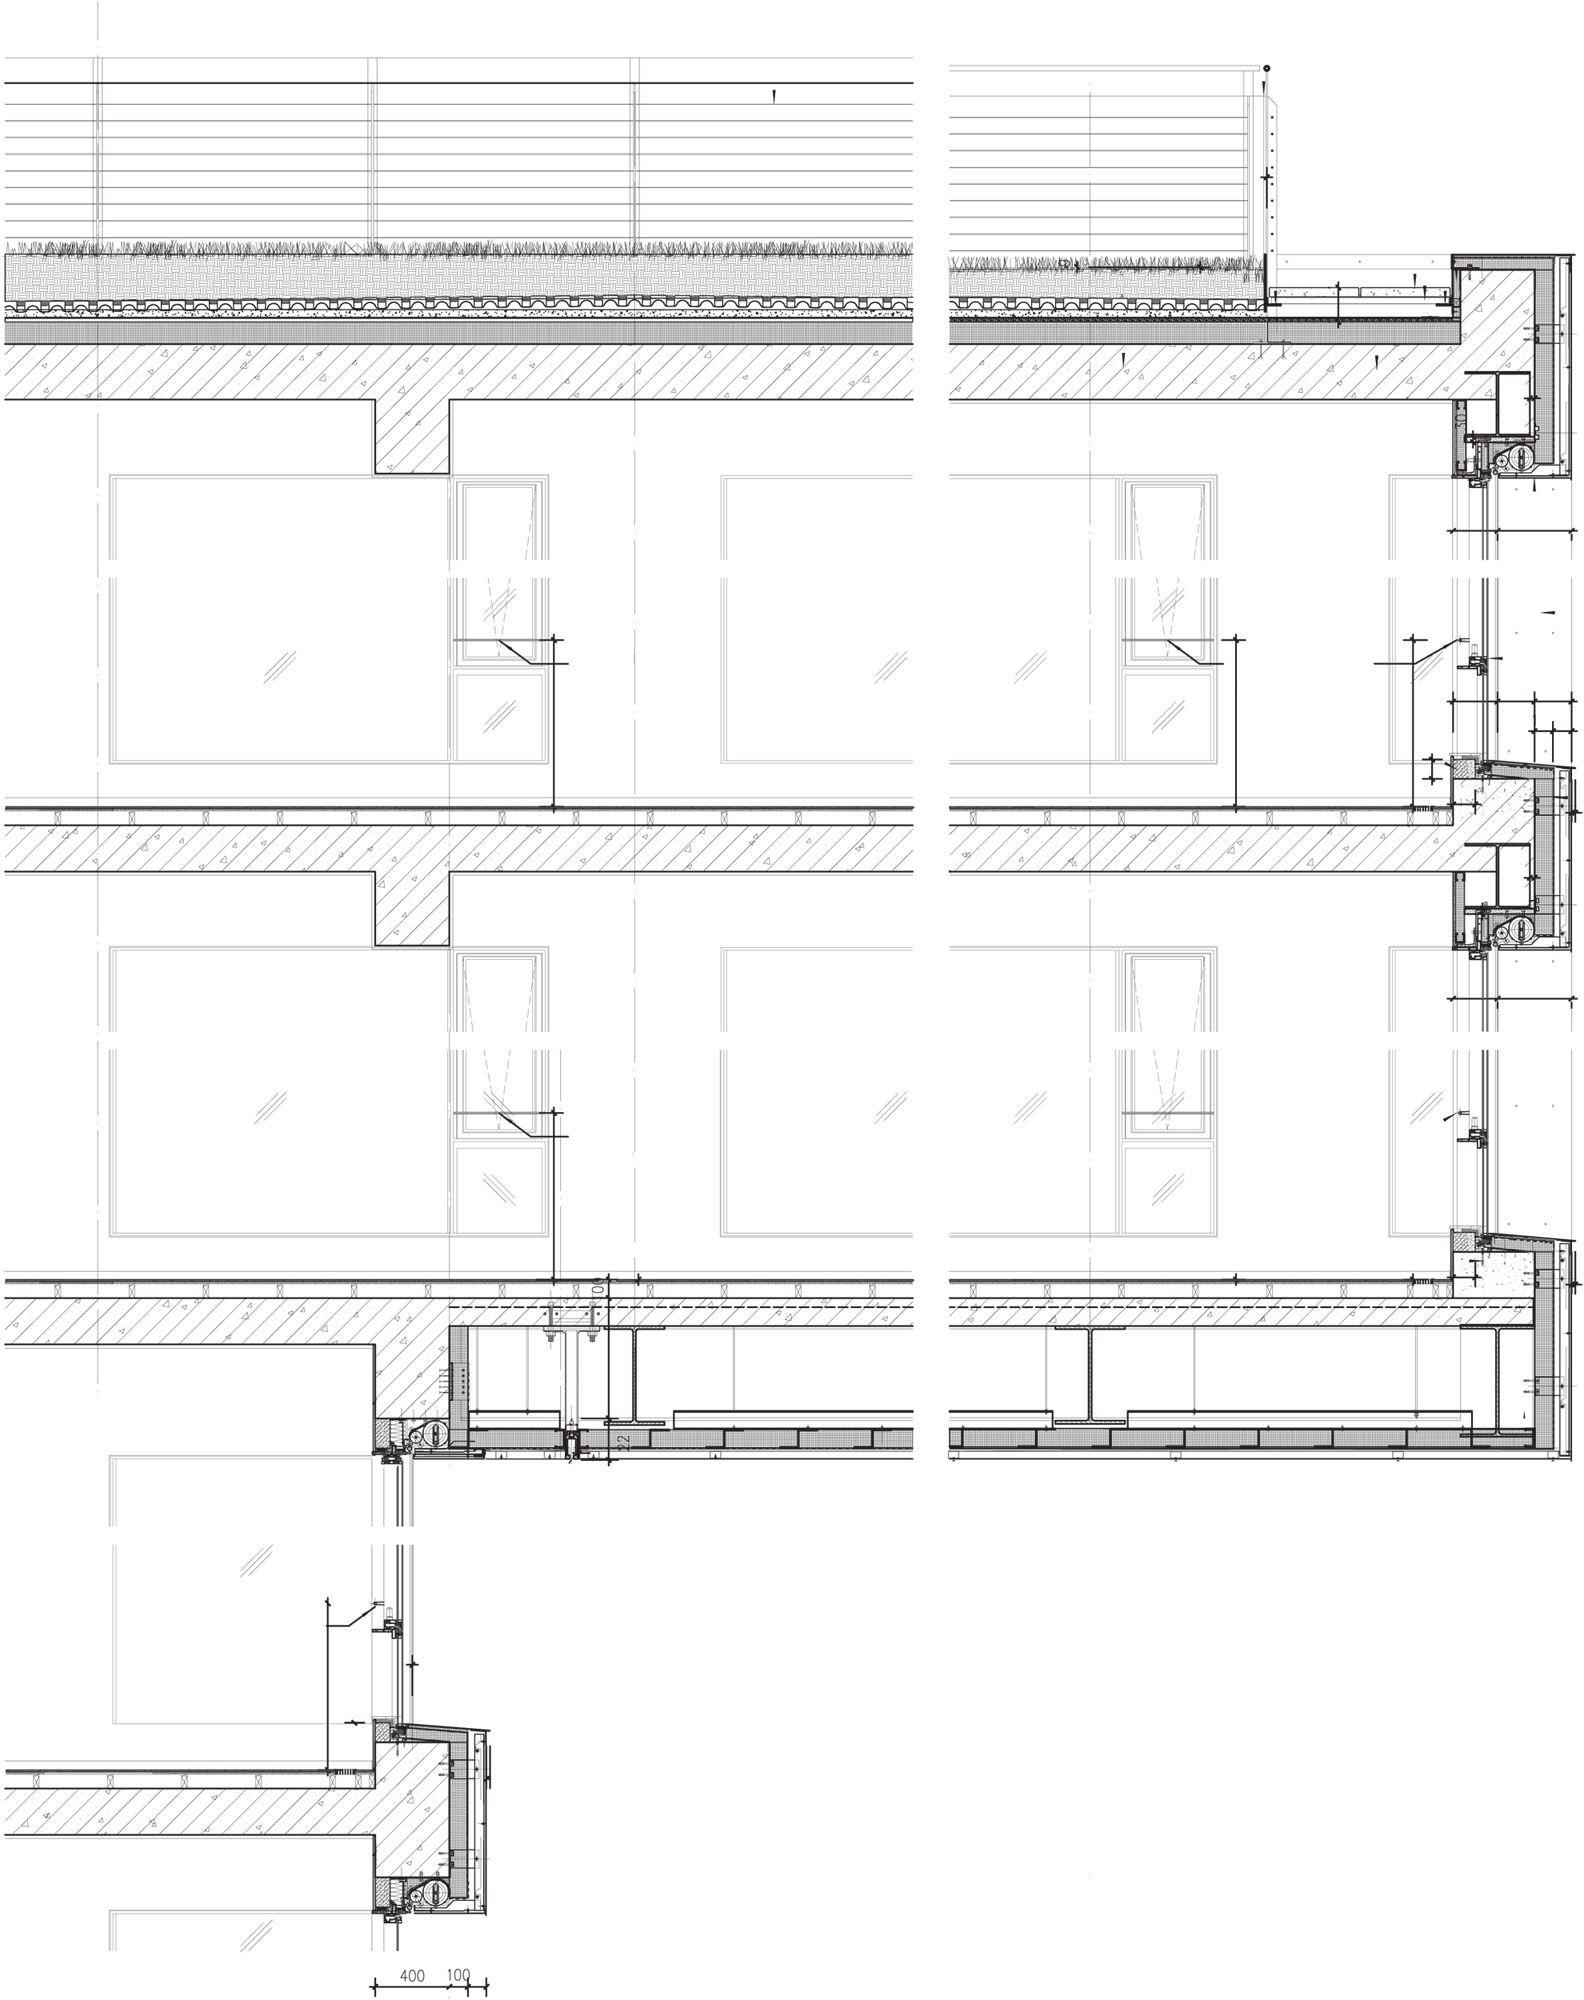 Cantilever section CLEAN  Details Architecture  Steven